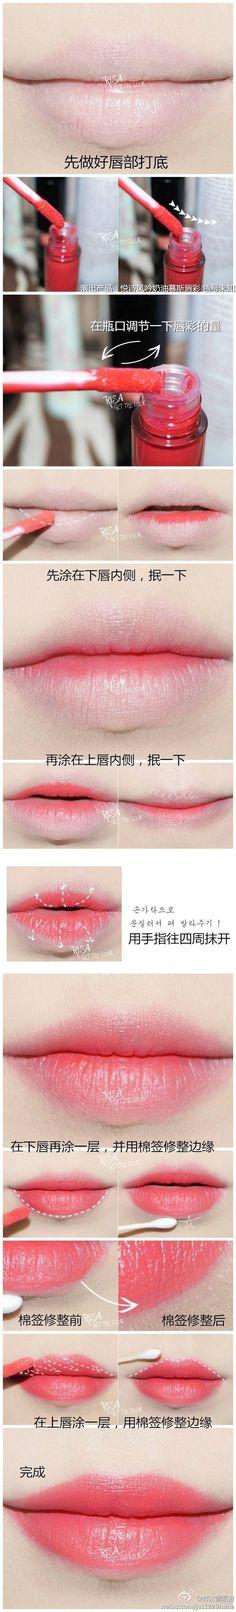 lips make up